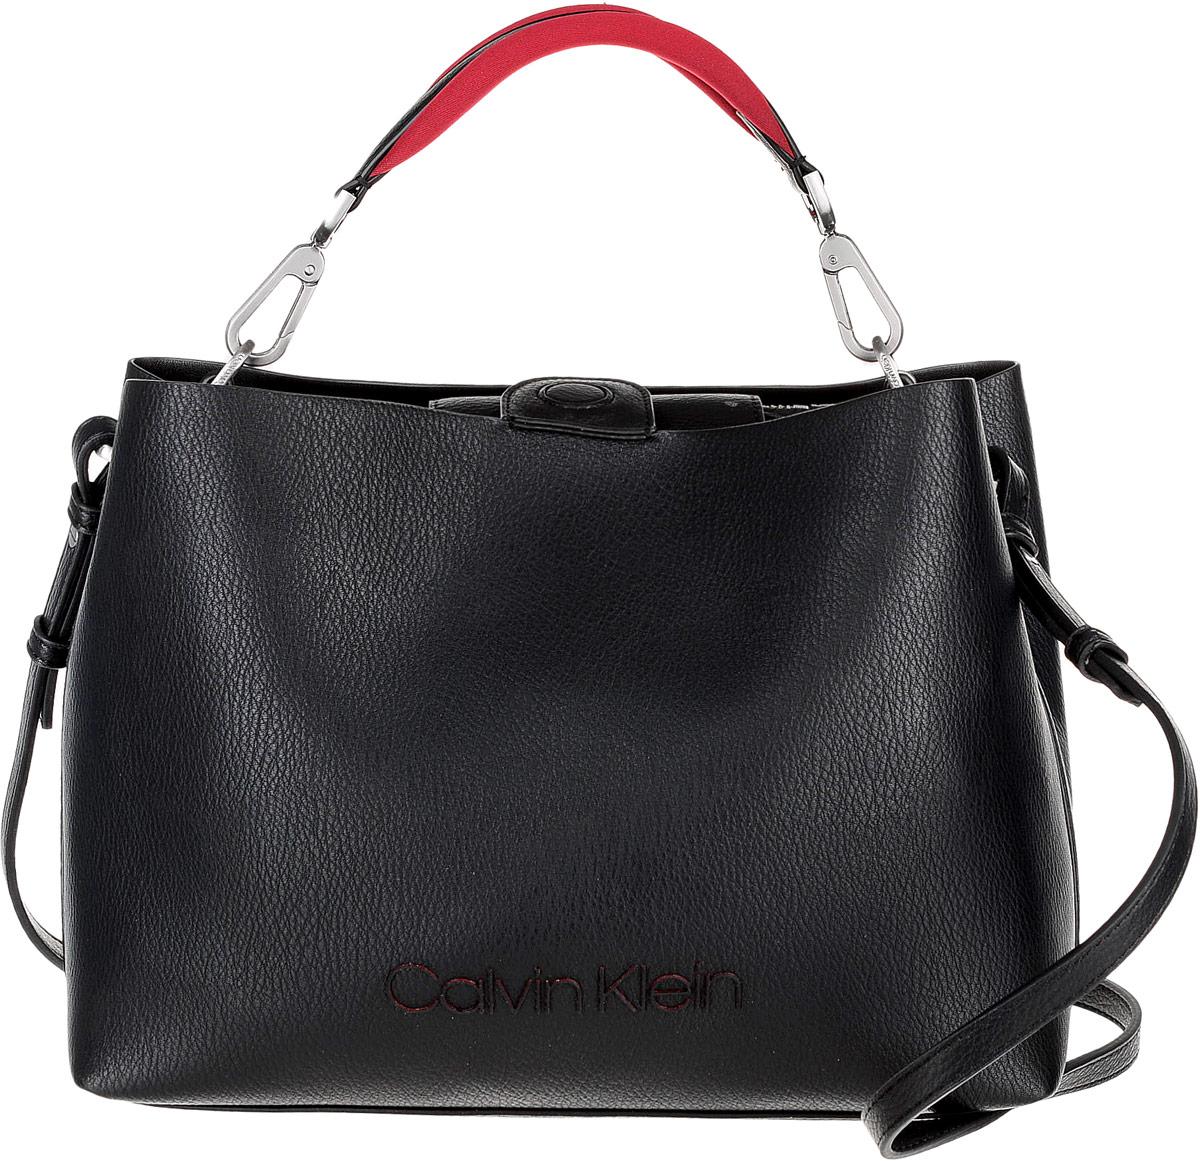 Сумка женская Calvin Klein Jeans, цвет: черный. K60K604341/001 блузка женская calvin klein jeans цвет синий j20j207813 4040 размер s 42 44